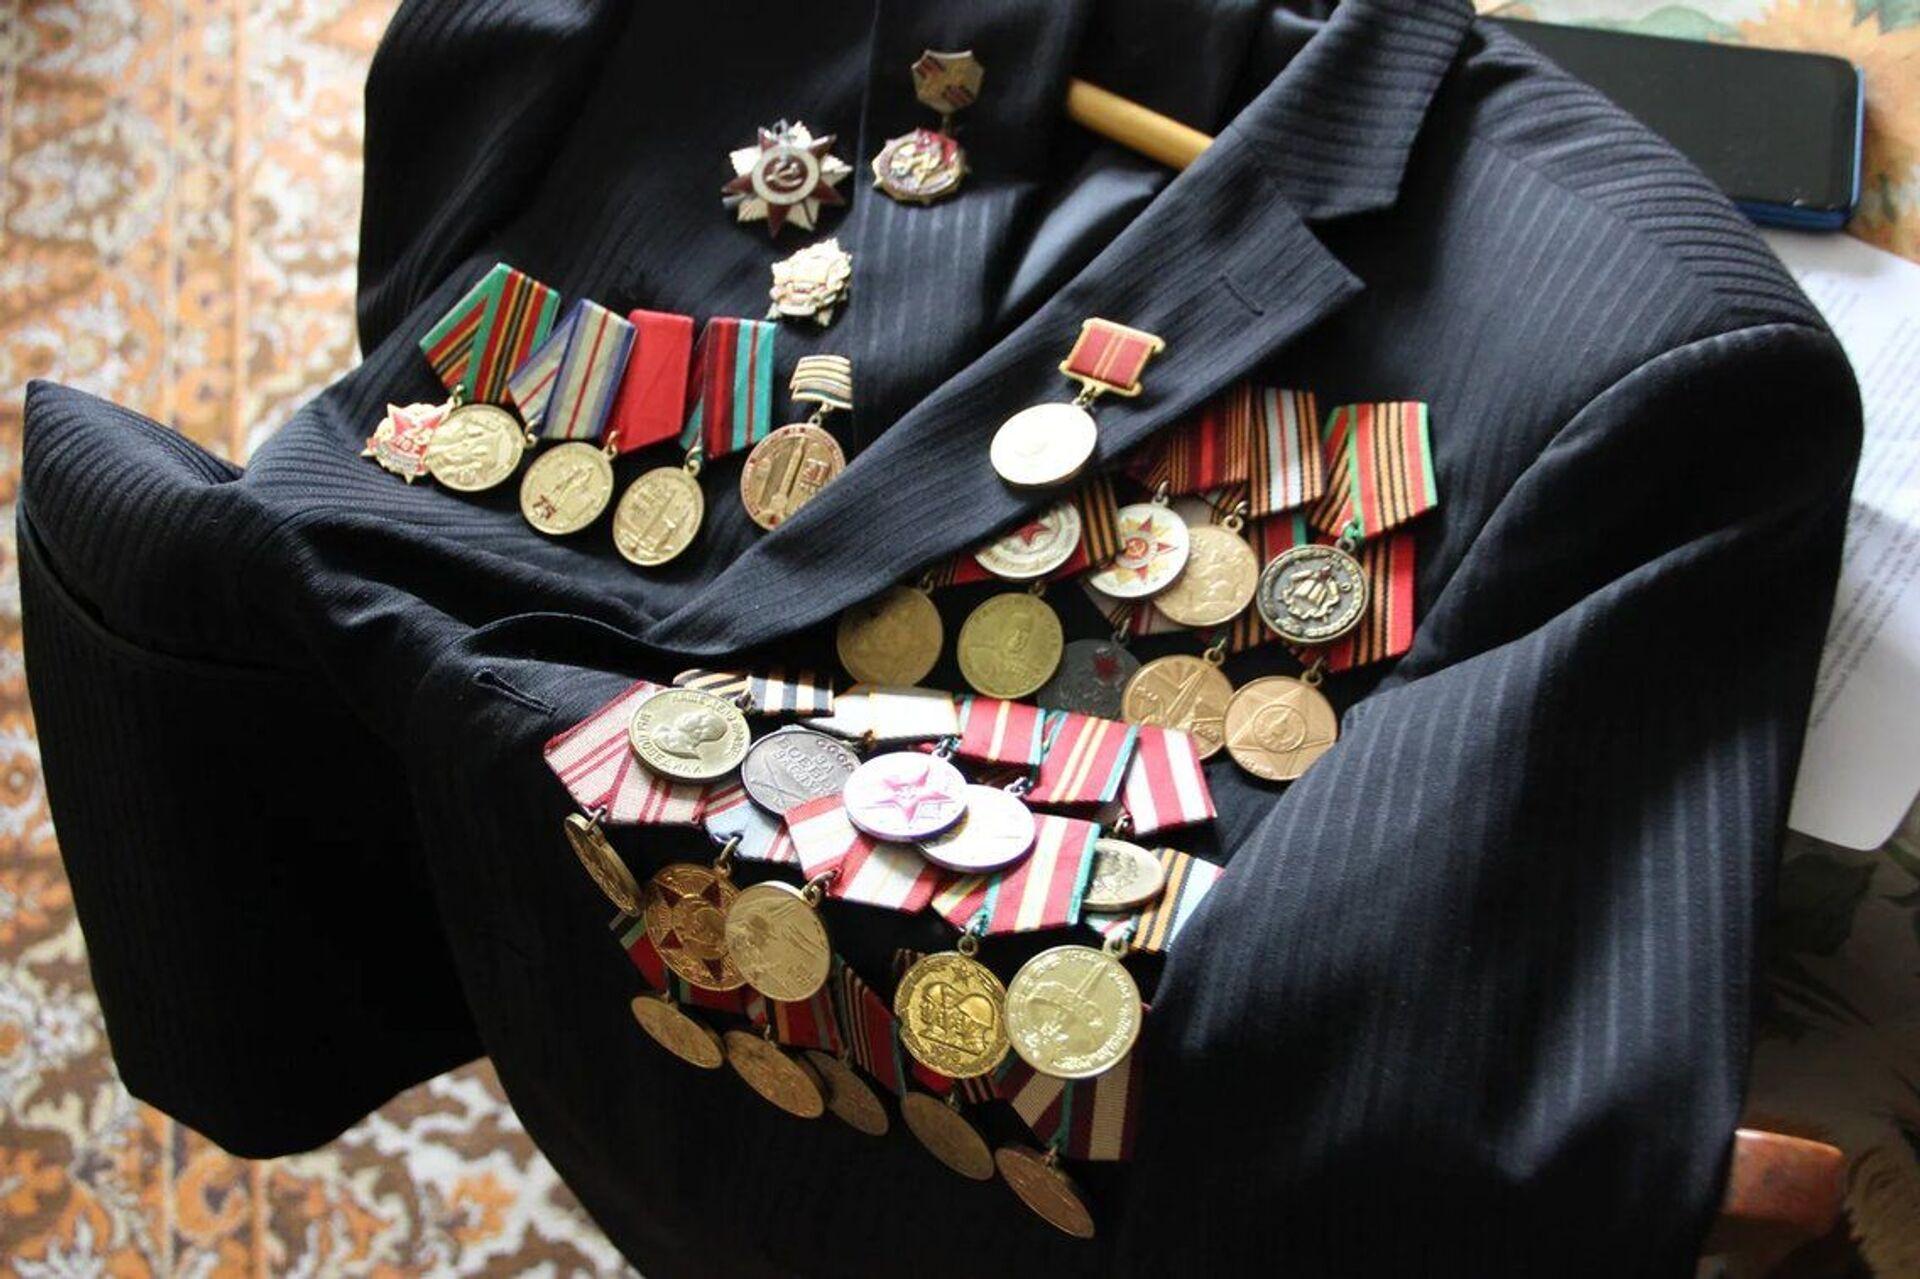 В прошлом году на 75-летие Победы Константину Александровичу подарили две юбилейные награды – одну белорусскую, вторую – российскую, а всего у него более 20 медалей и орденов - Sputnik Беларусь, 1920, 29.06.2021